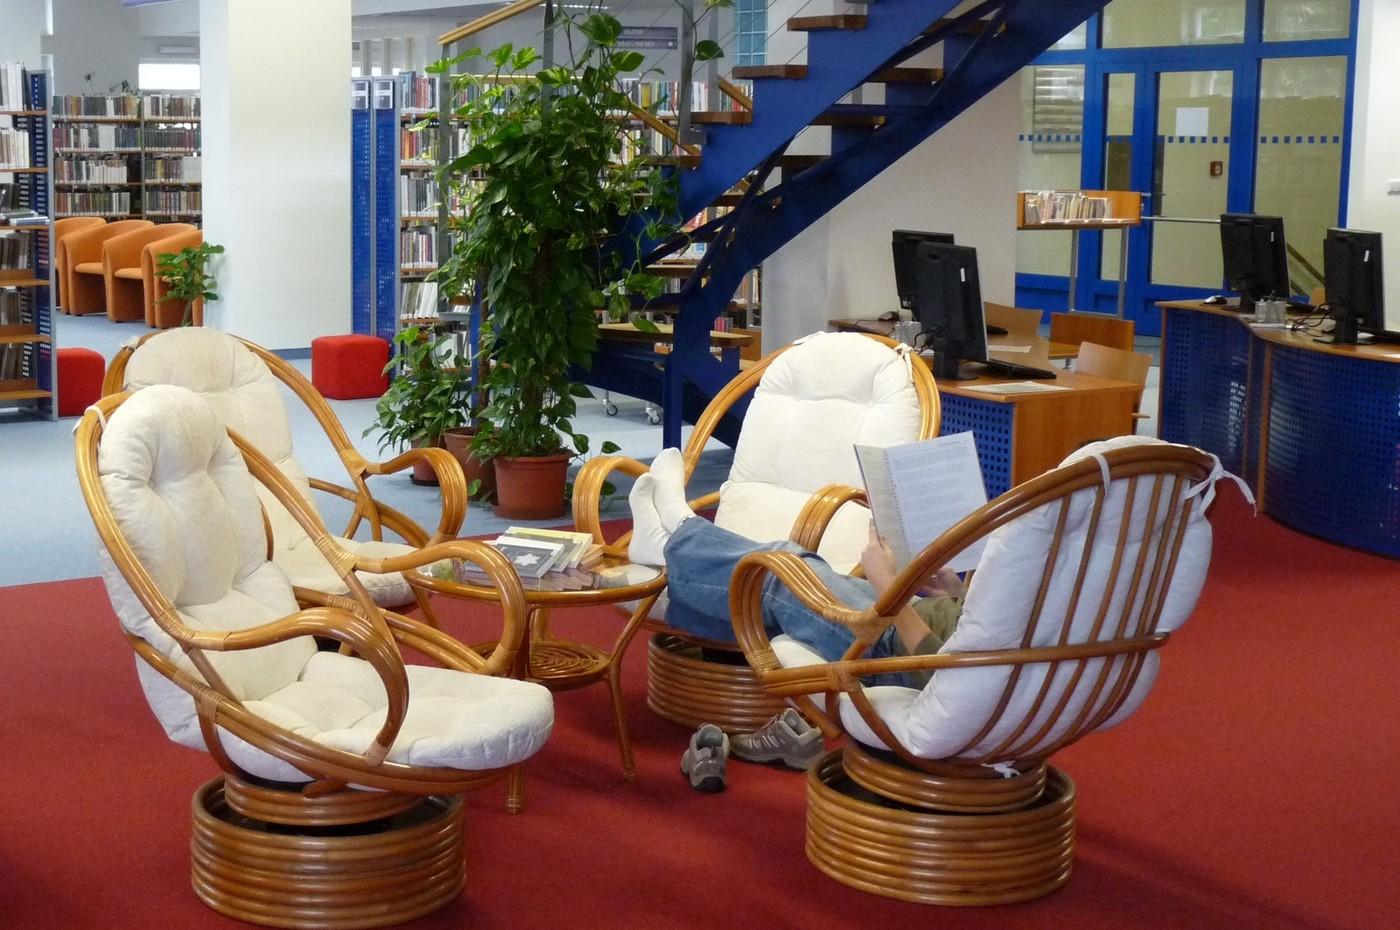 Půjčovna pro dospělé nabízí příjemné prostředí k setkávání i samostudiu